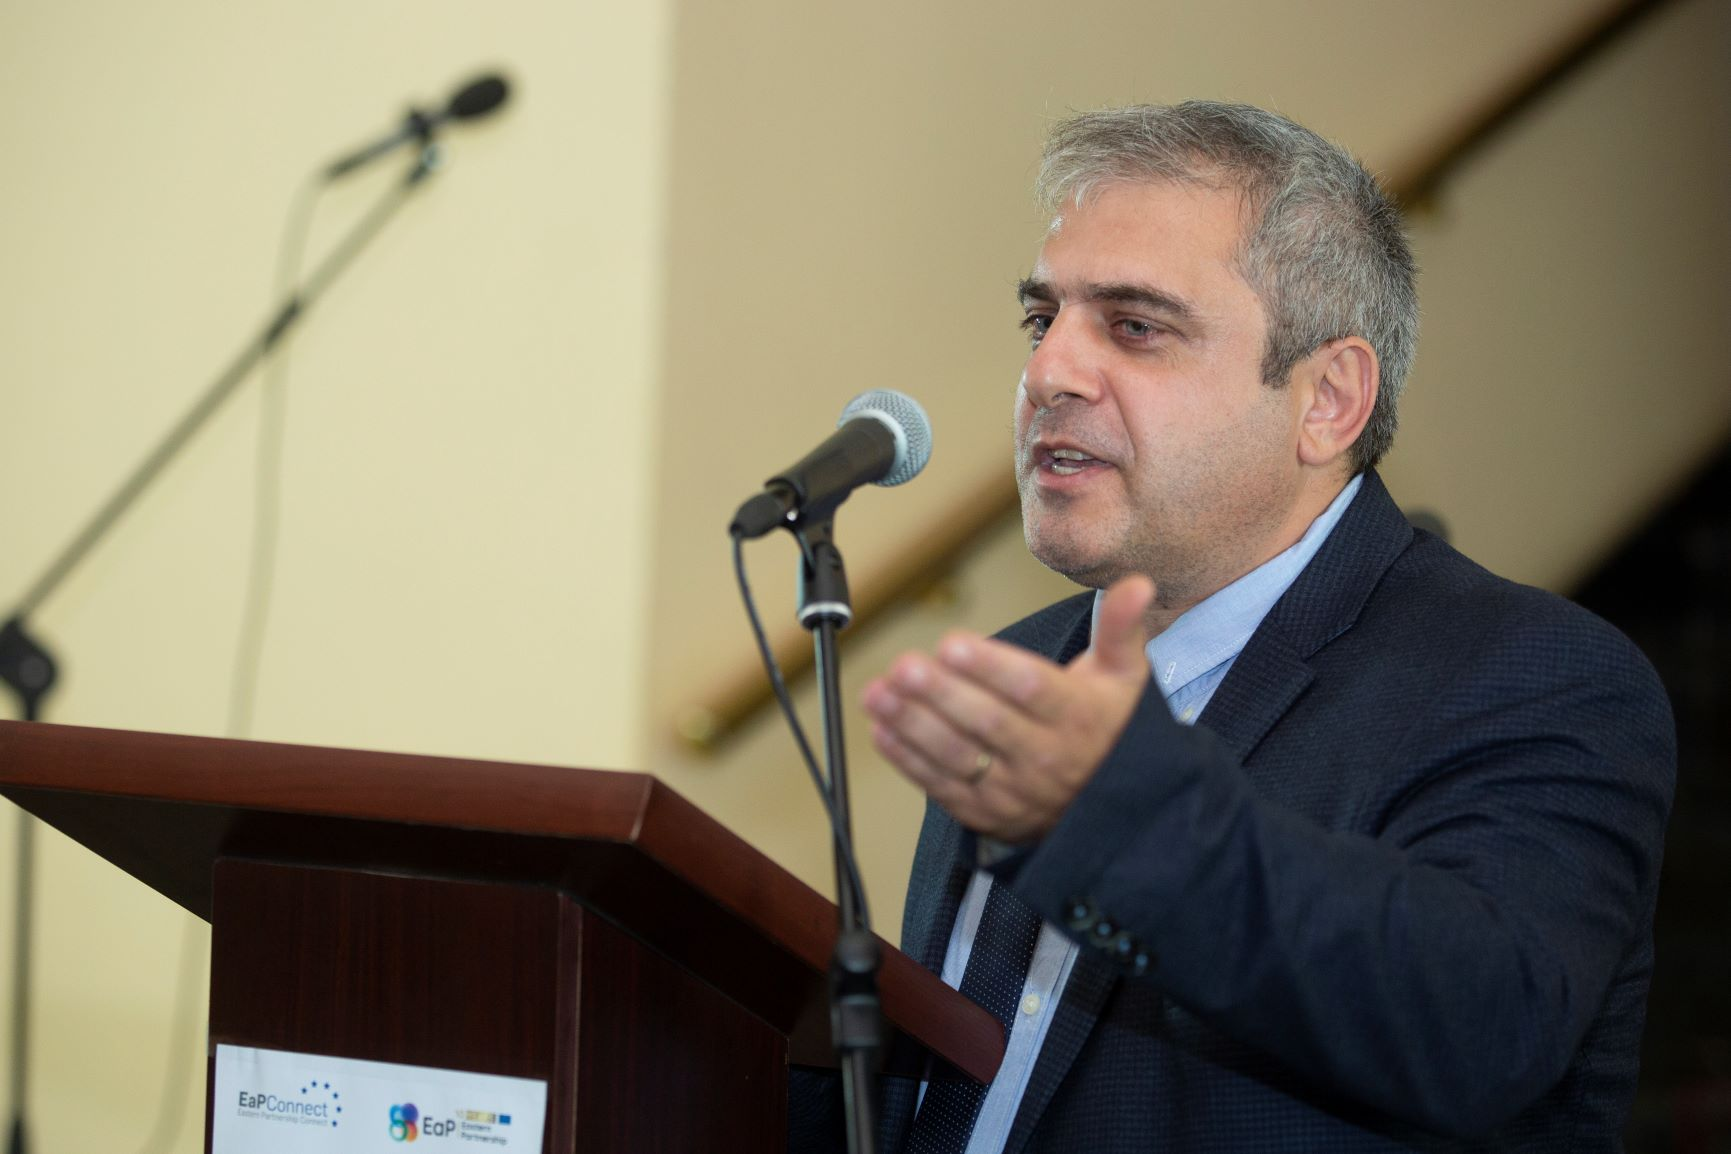 Грачя Асцатрян, директор та голова Наукового комп'ютерного центру Інституту проблем інформатики та автоматизації Національної Академії наук Вірменії